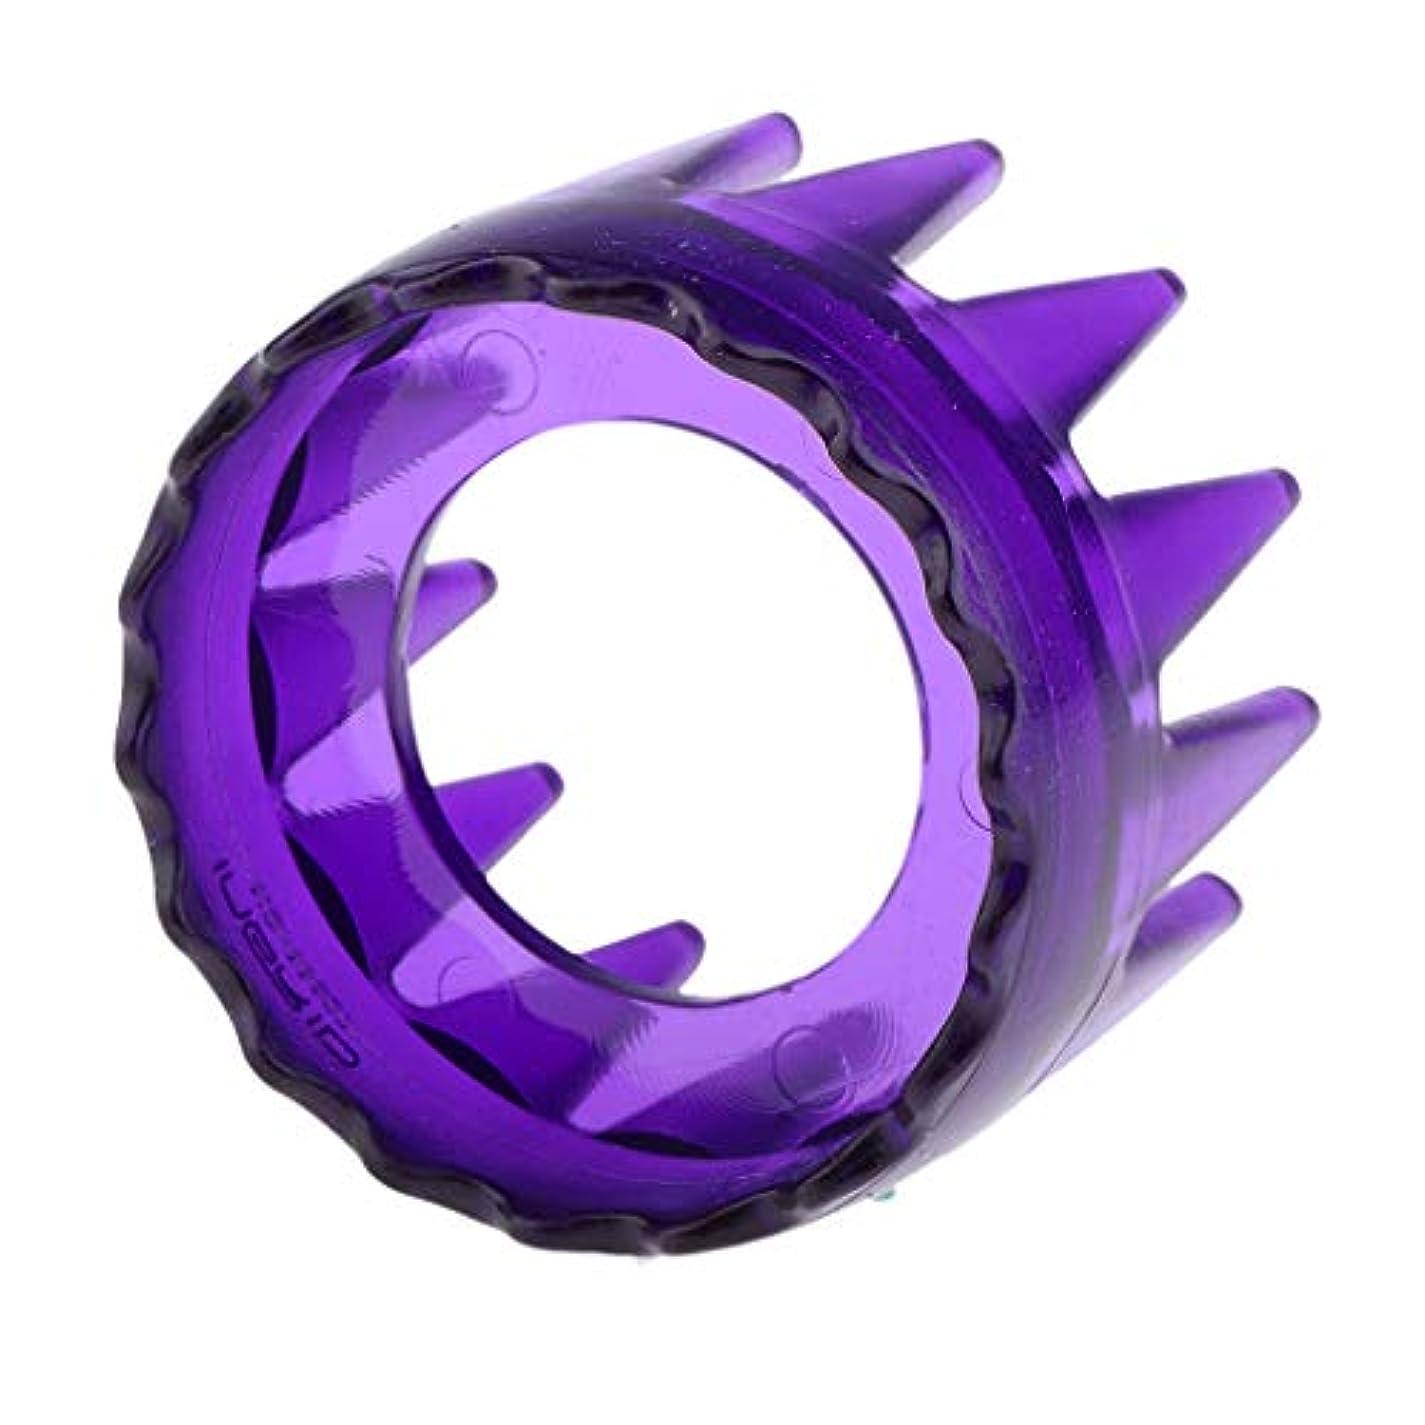 軌道とは異なりエレベーターシャンプーブラシ 洗髪櫛 マッサージャー ヘアコーム ヘアブラシ 滑り止め 快適 リラックス 全4色 - 紫